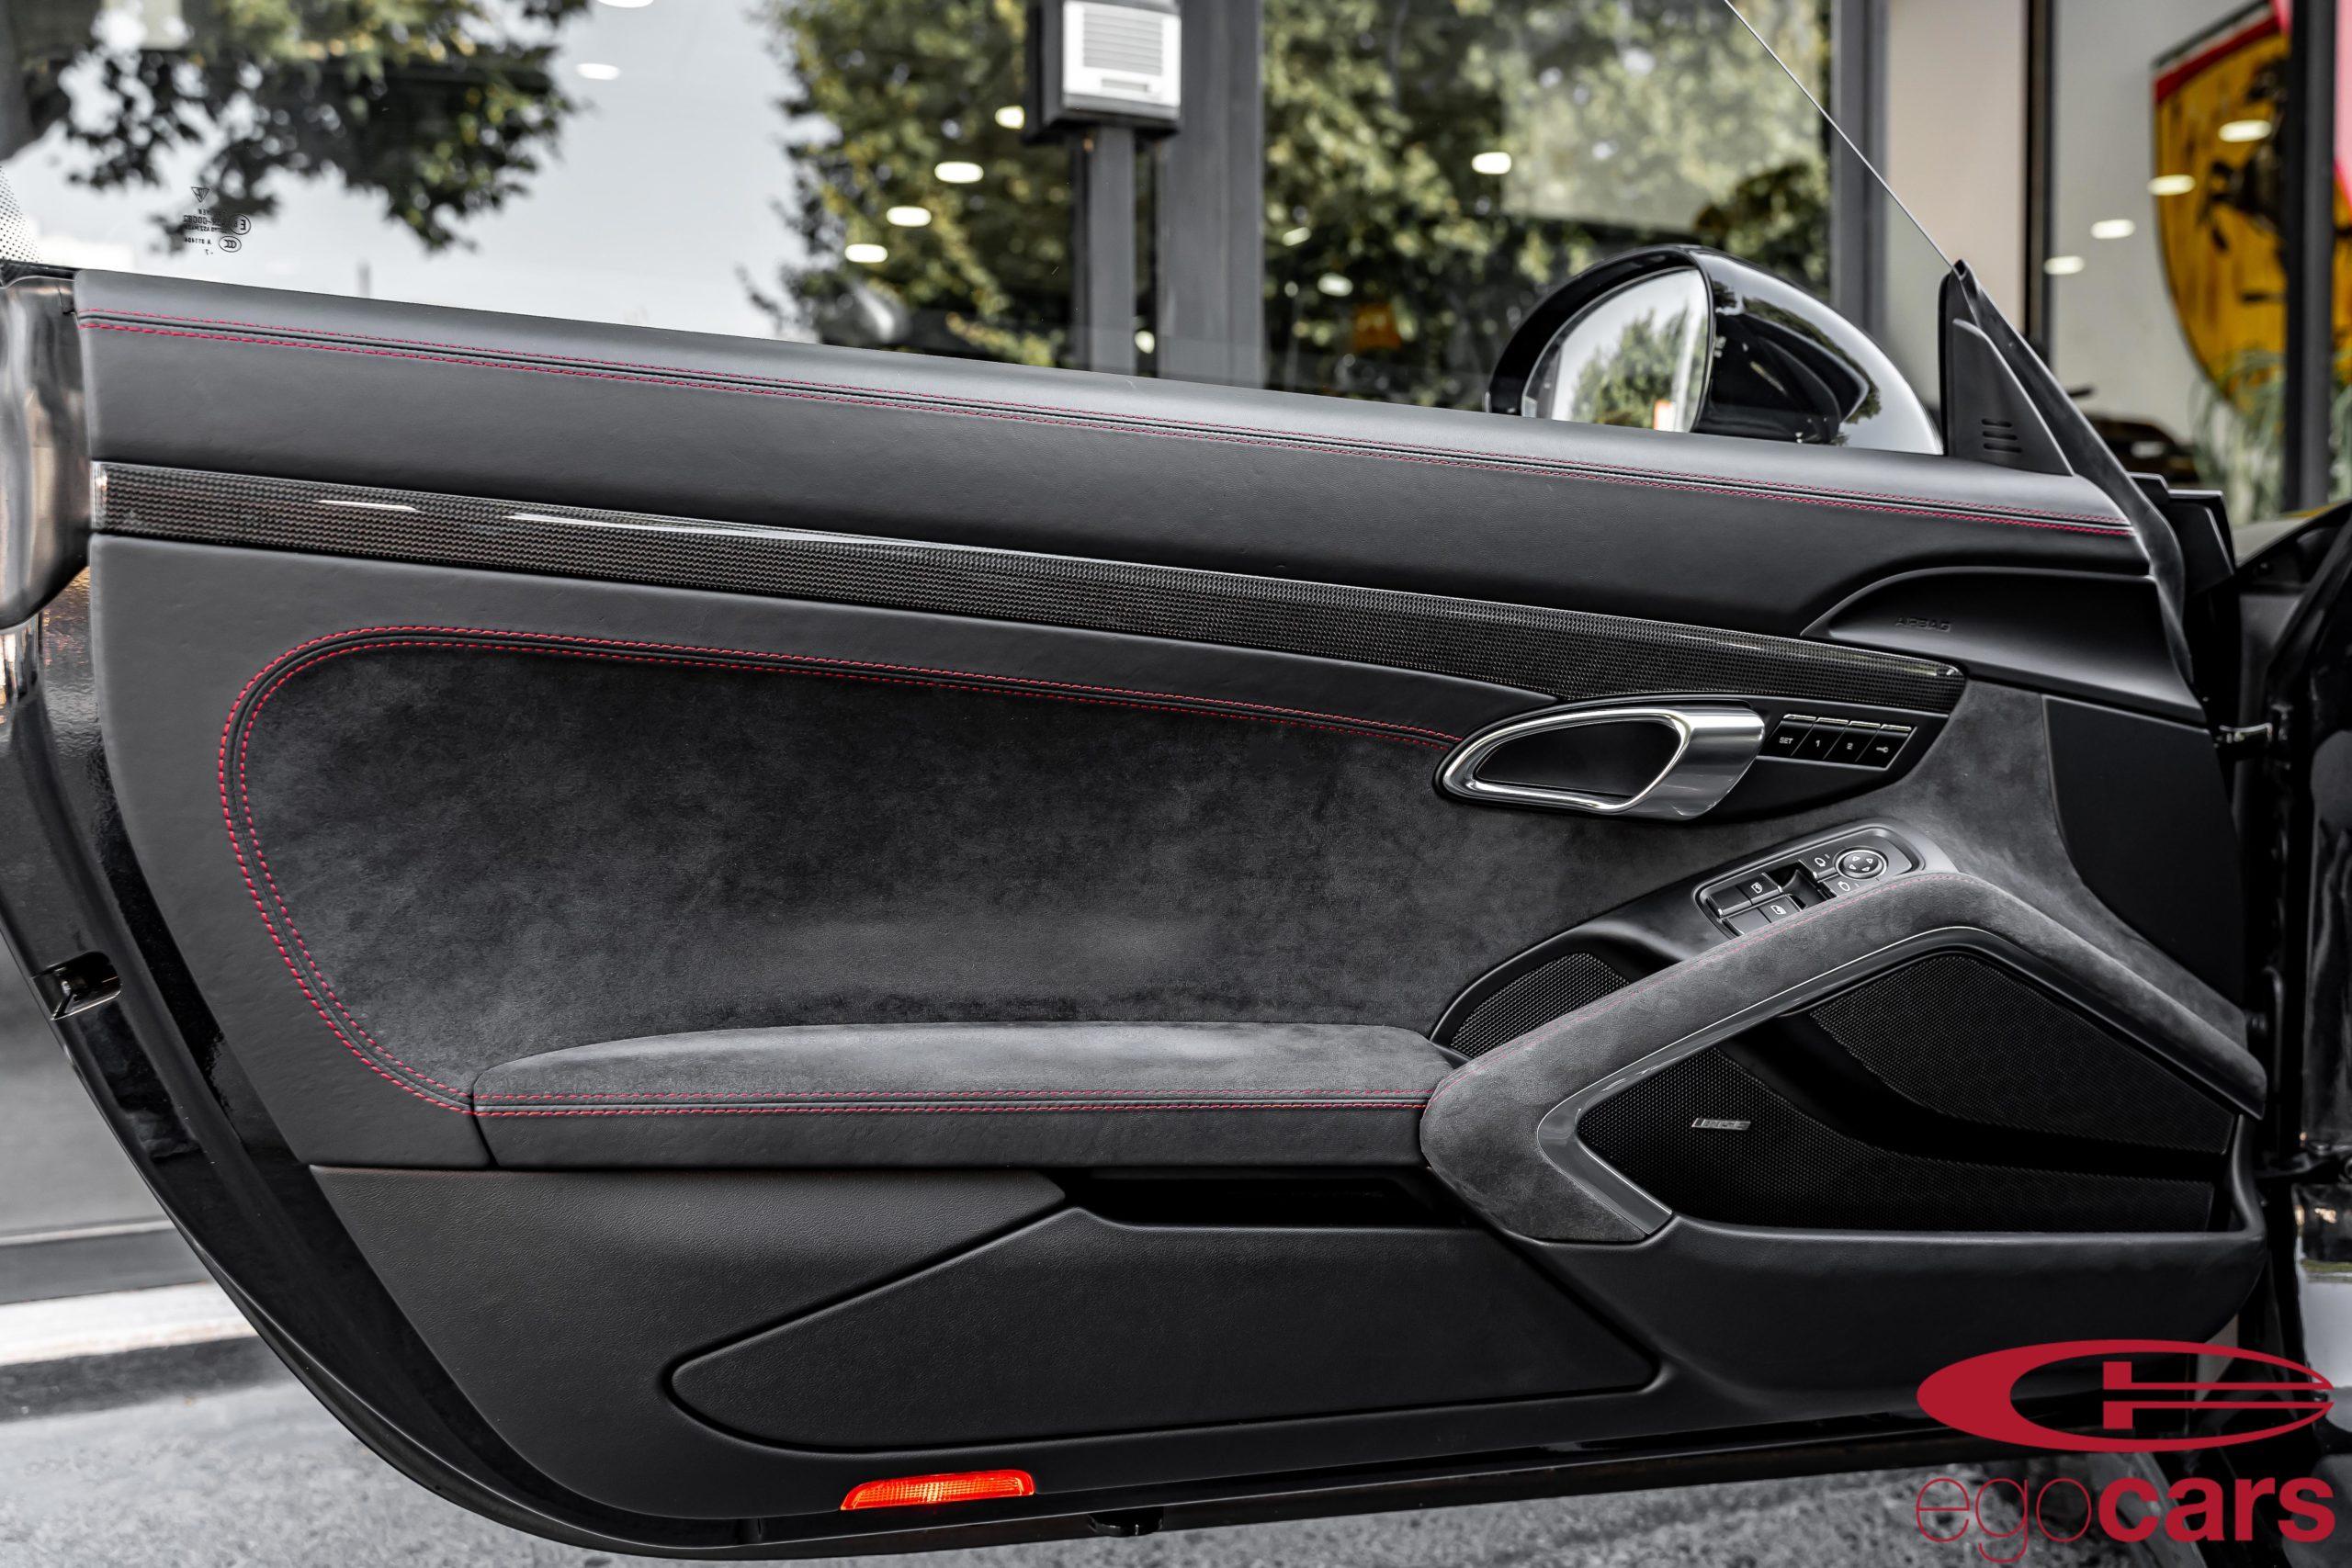 911 CARRERA 4 GTS NEGRO EGOCARS_18